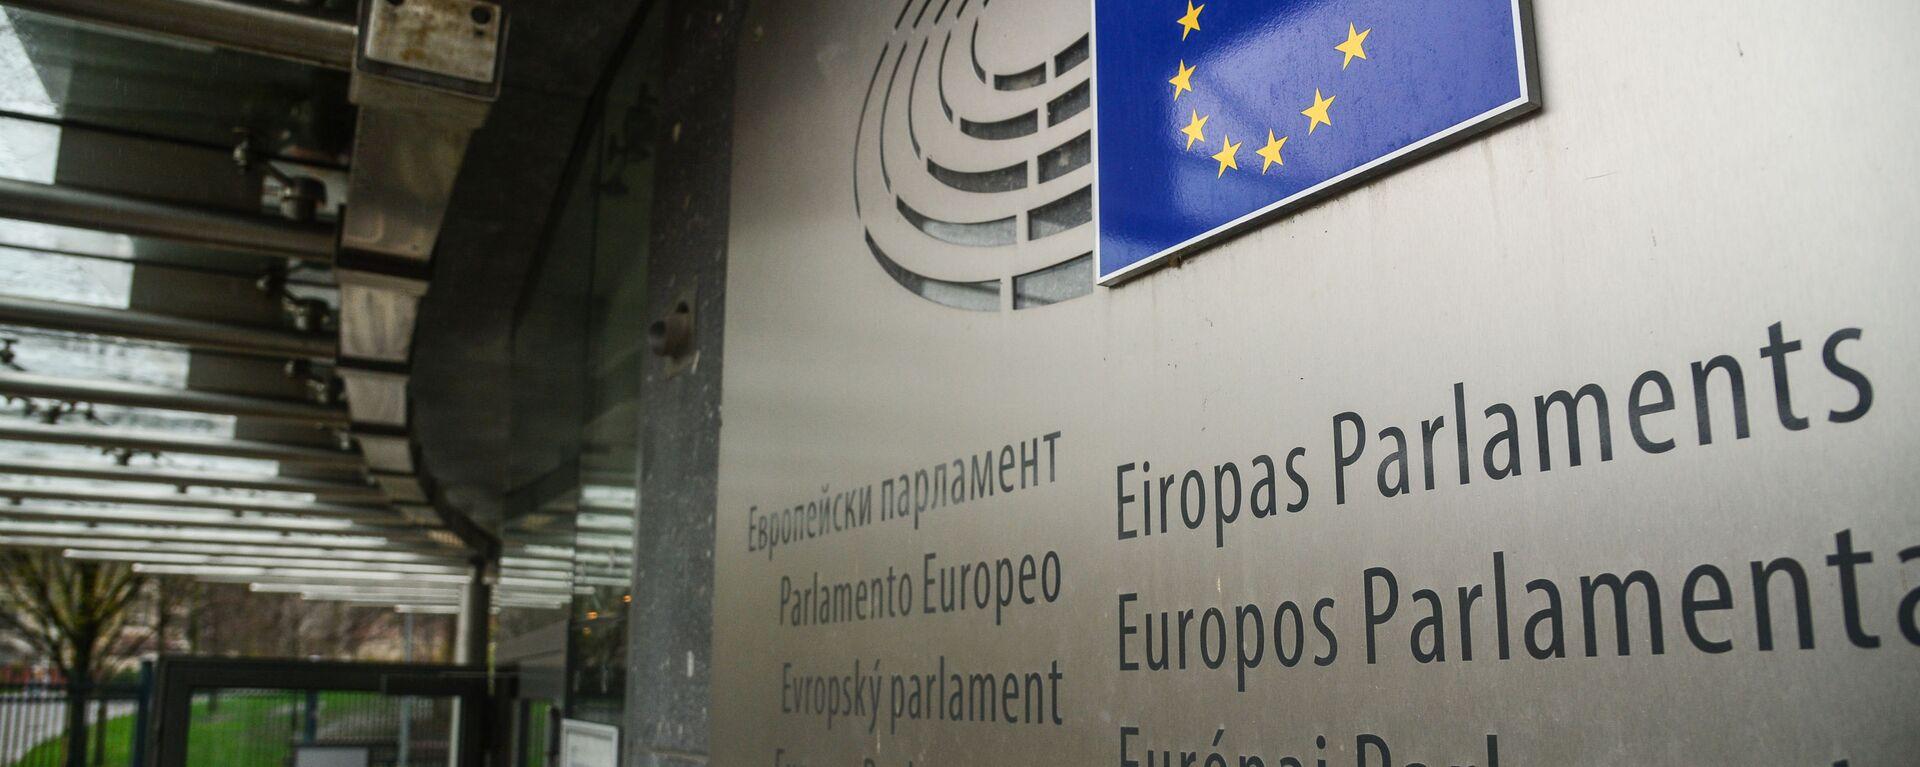 Evropský parlament - Sputnik Česká republika, 1920, 25.03.2021